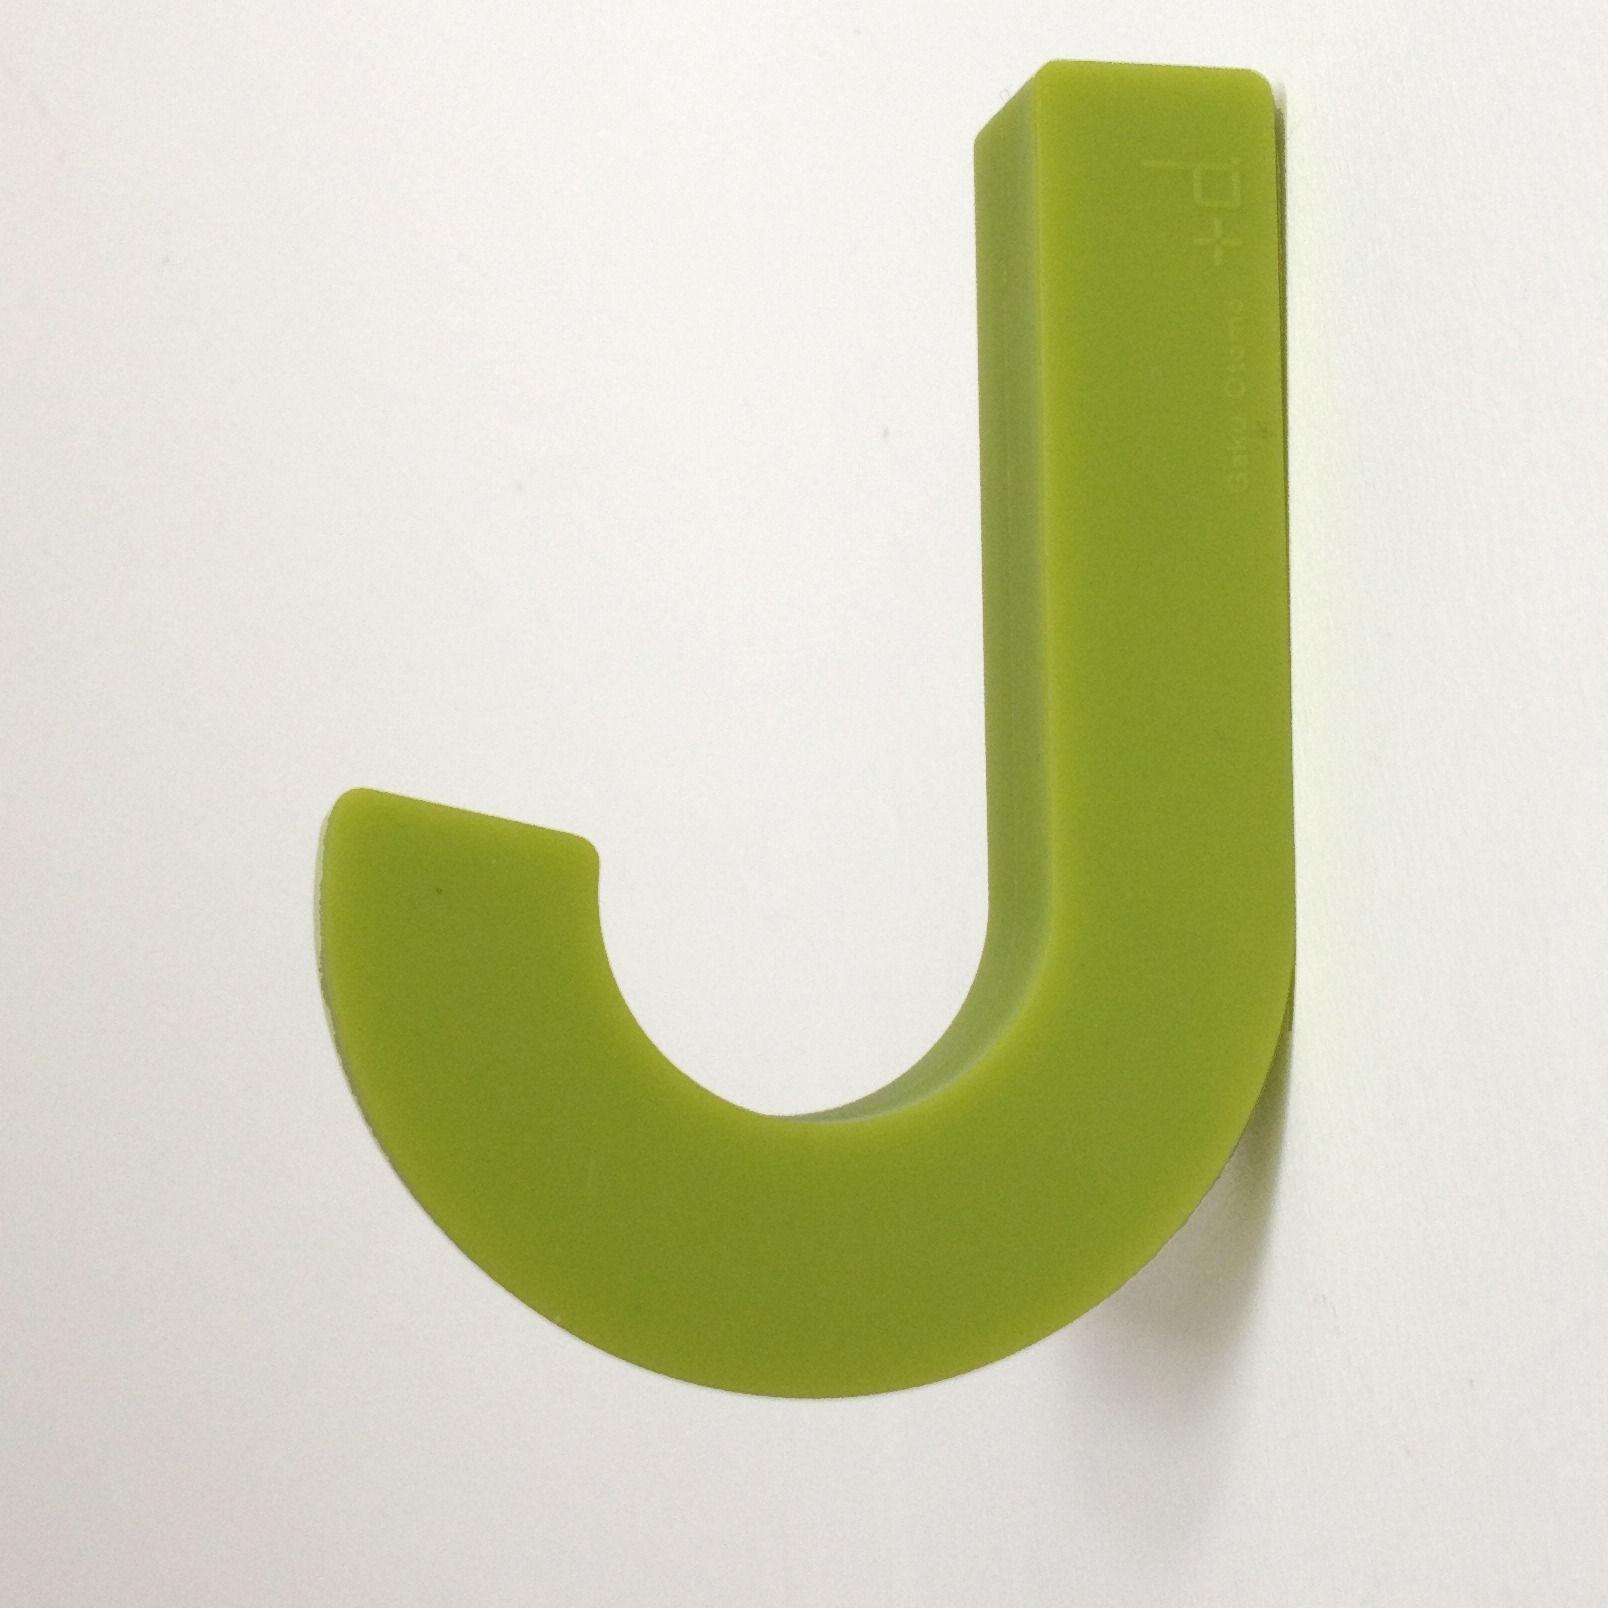 Möbel - Garderoben und Kleiderhaken - Gumhook Wandhaken weich - Pa Design - Anisgrün - Silikon